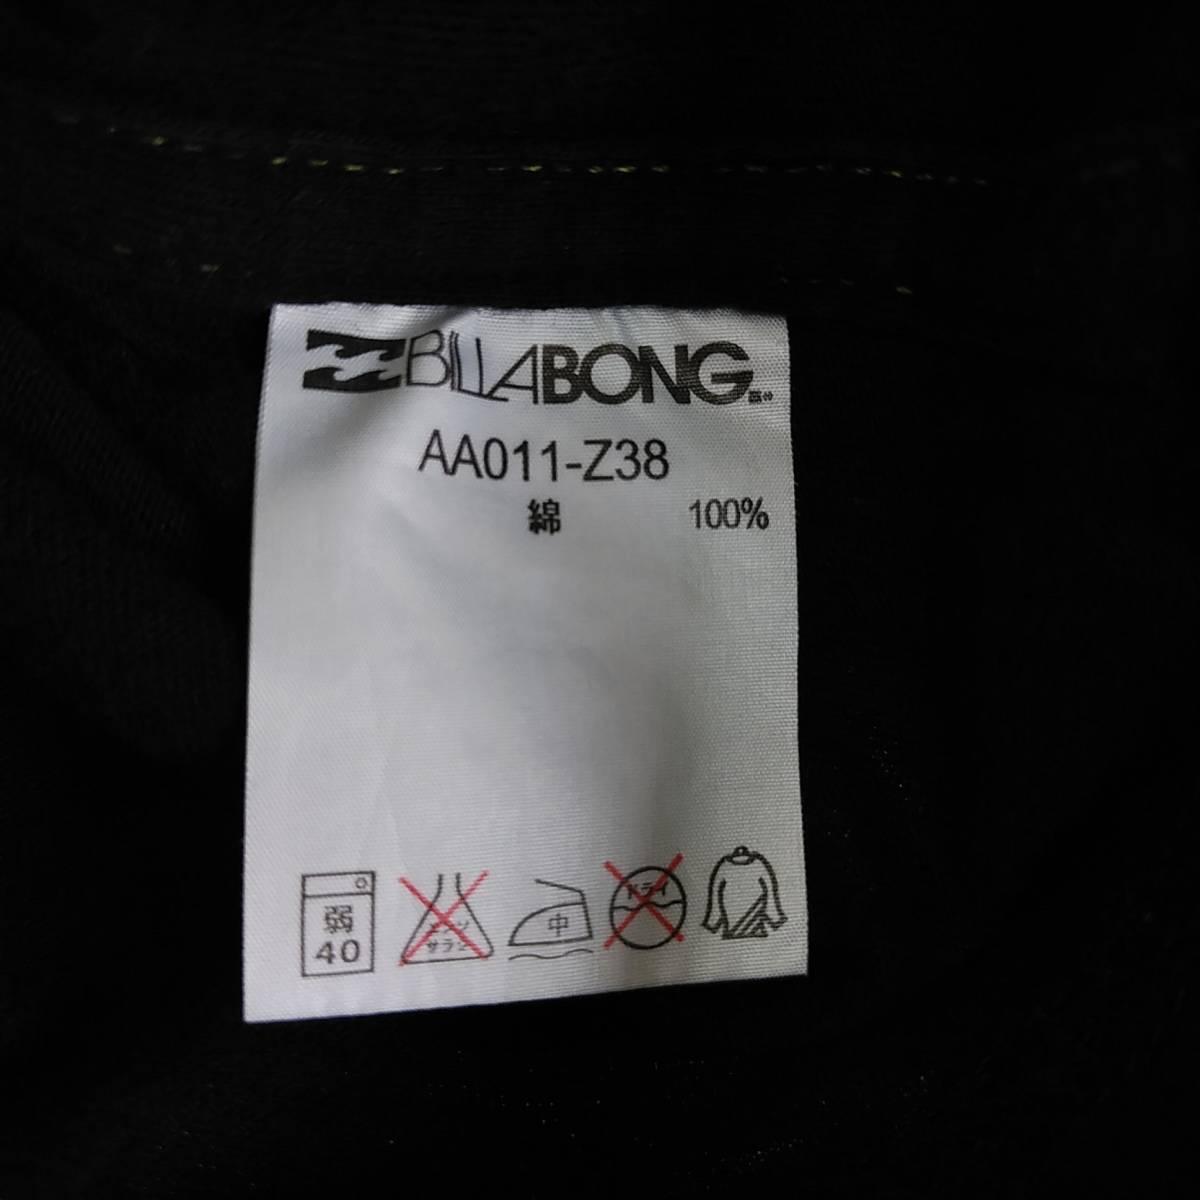 【platinum tailored by billabong】ビラボン Tシャツ メンズL ゴールド×ブラック ロゴ  190603-15333_画像7